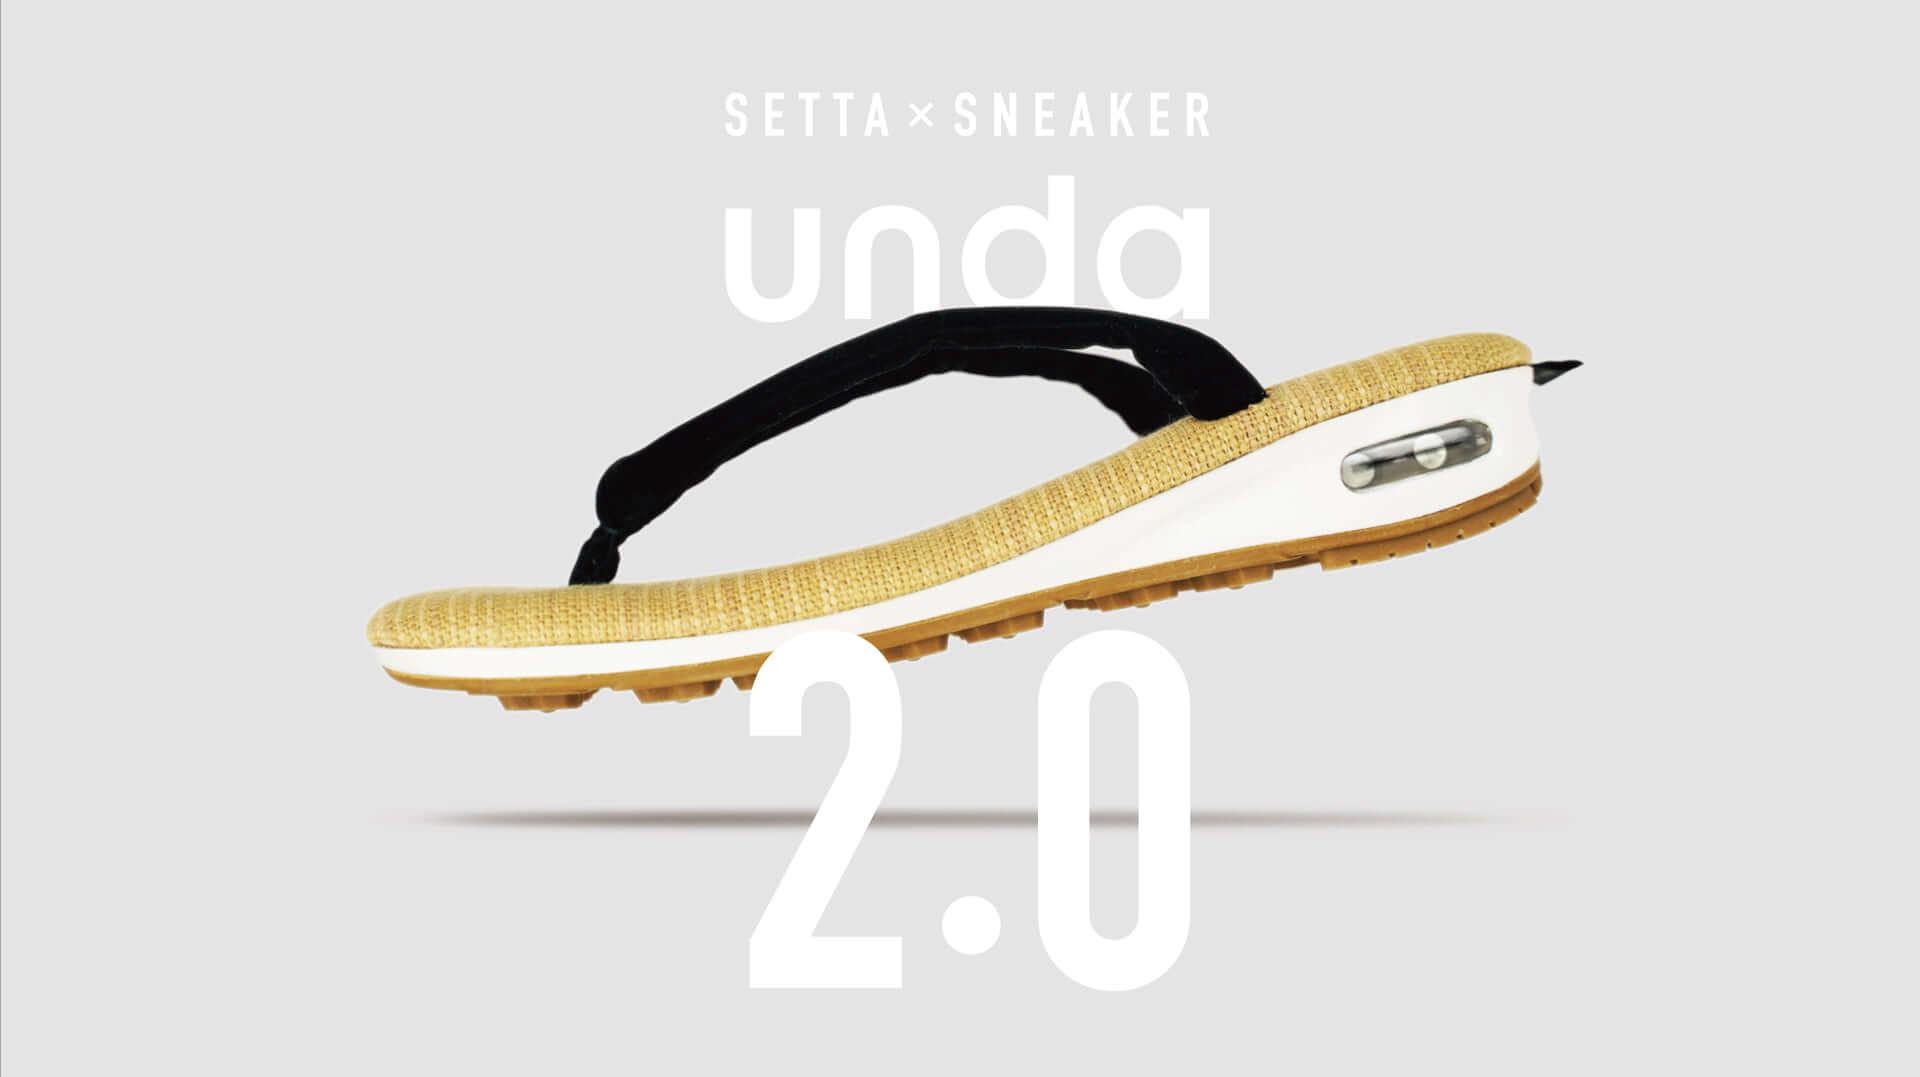 雪駄とスニーカーが融合したフットウェア『unda-雲駄-』がアップデート!約25%軽量化した新モデル『unda 2.0』が発売決定 lf210224_unda2_4-1920x1077